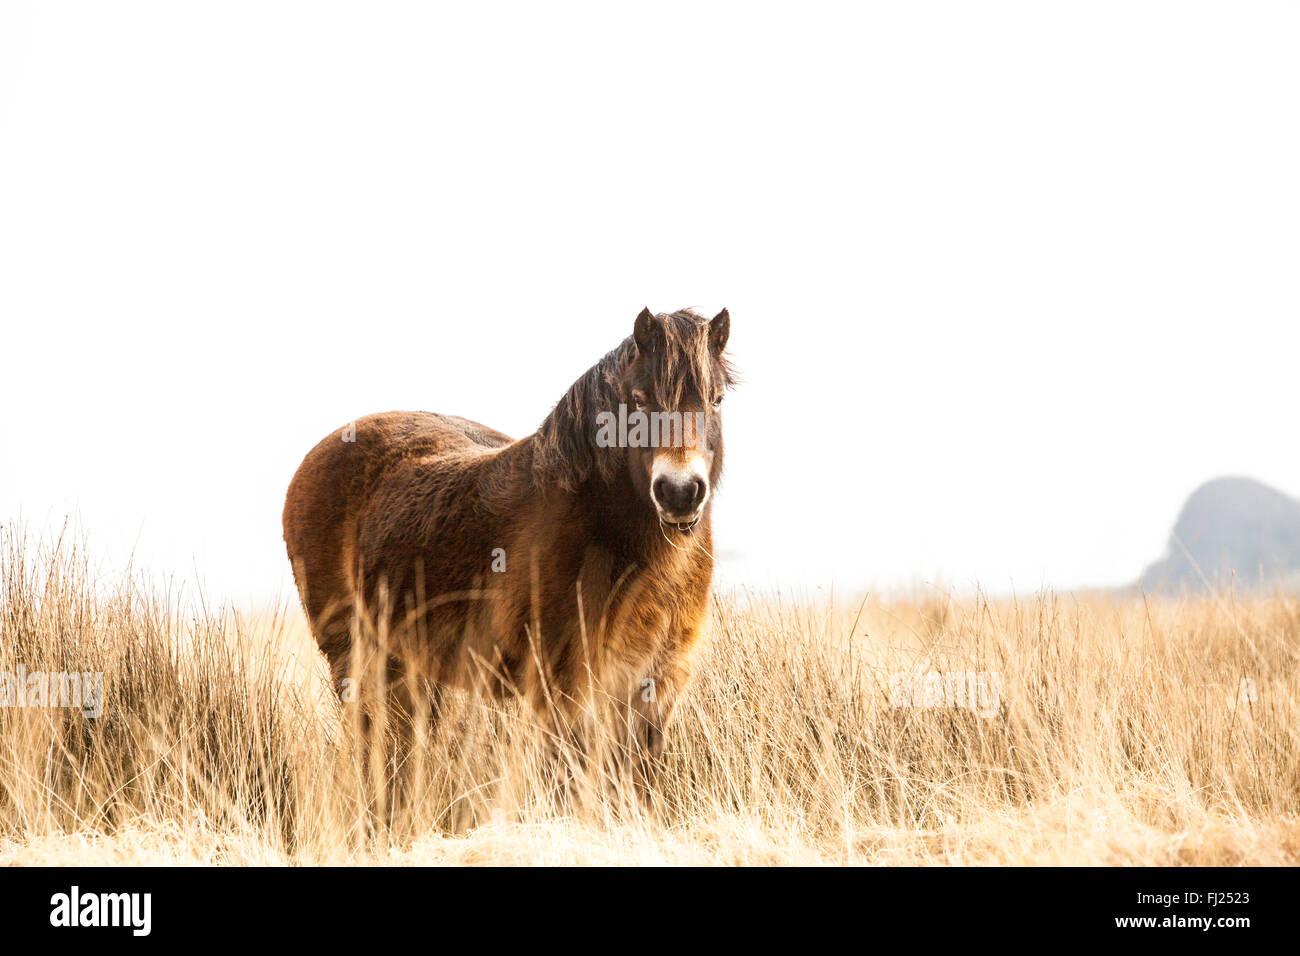 Exmoor Ponies In North Devon - Stock Image